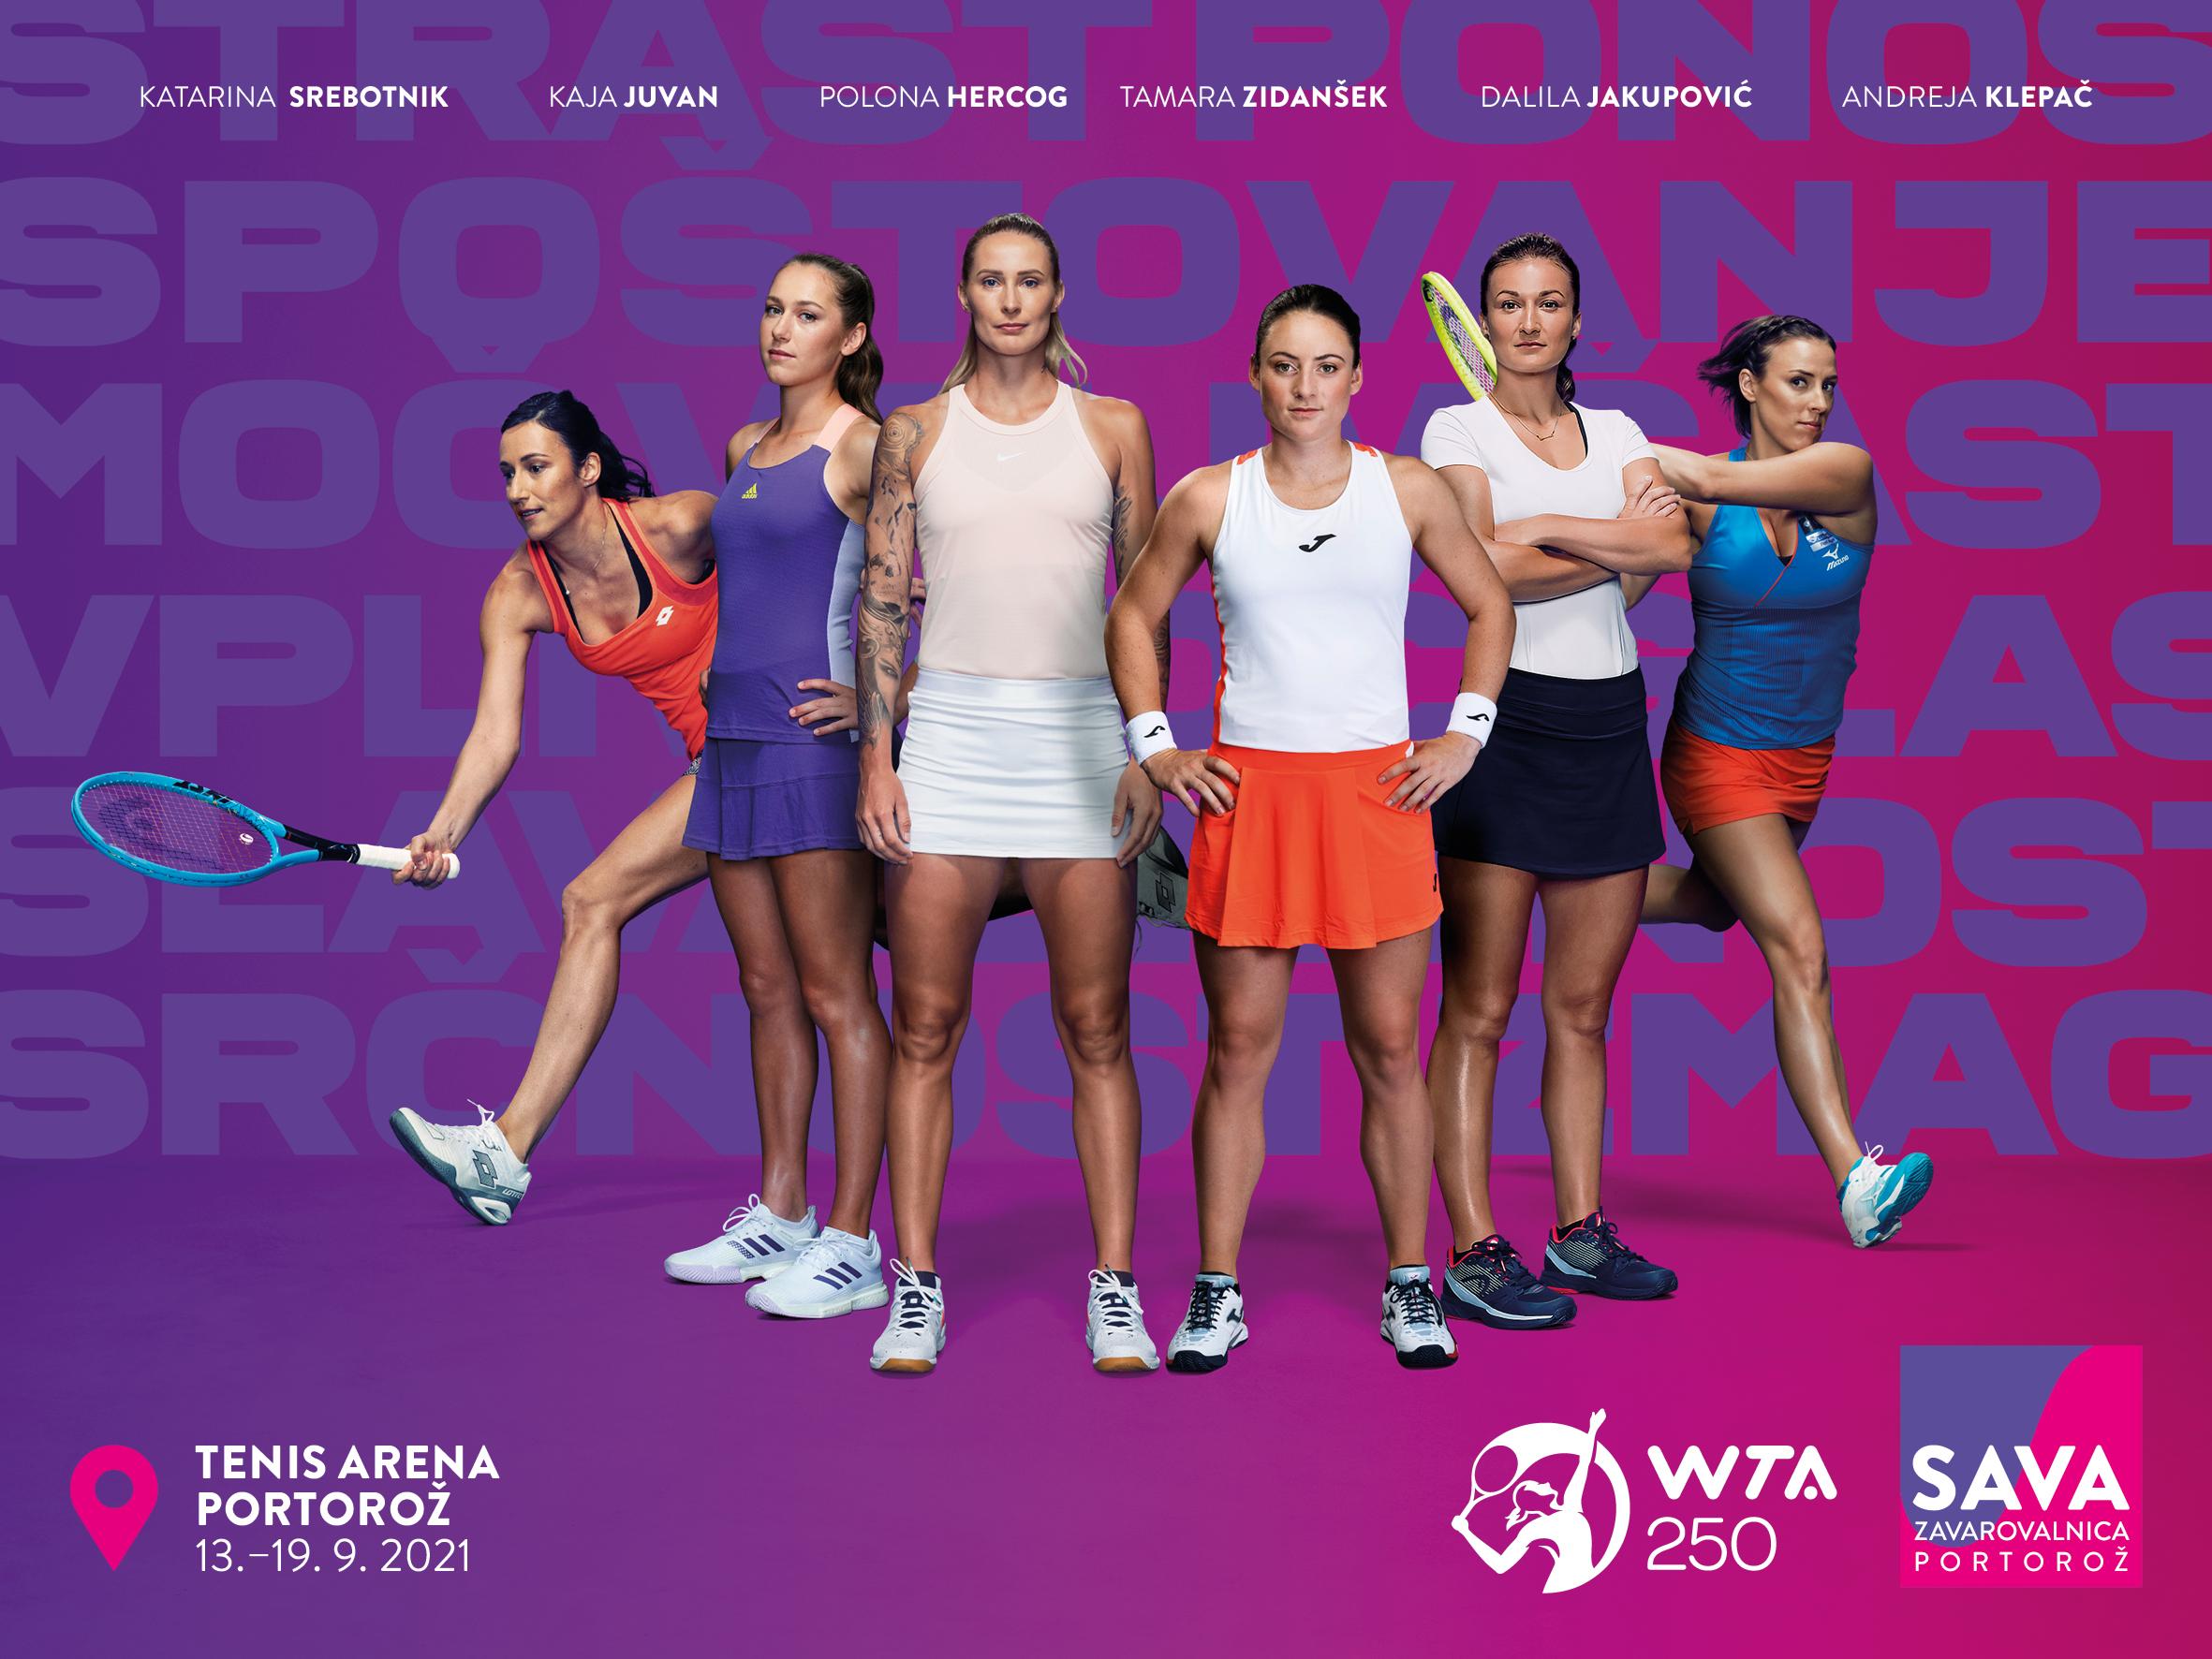 Slovenke - Še 28 dni do začetka turnirja WTA v Portorožu